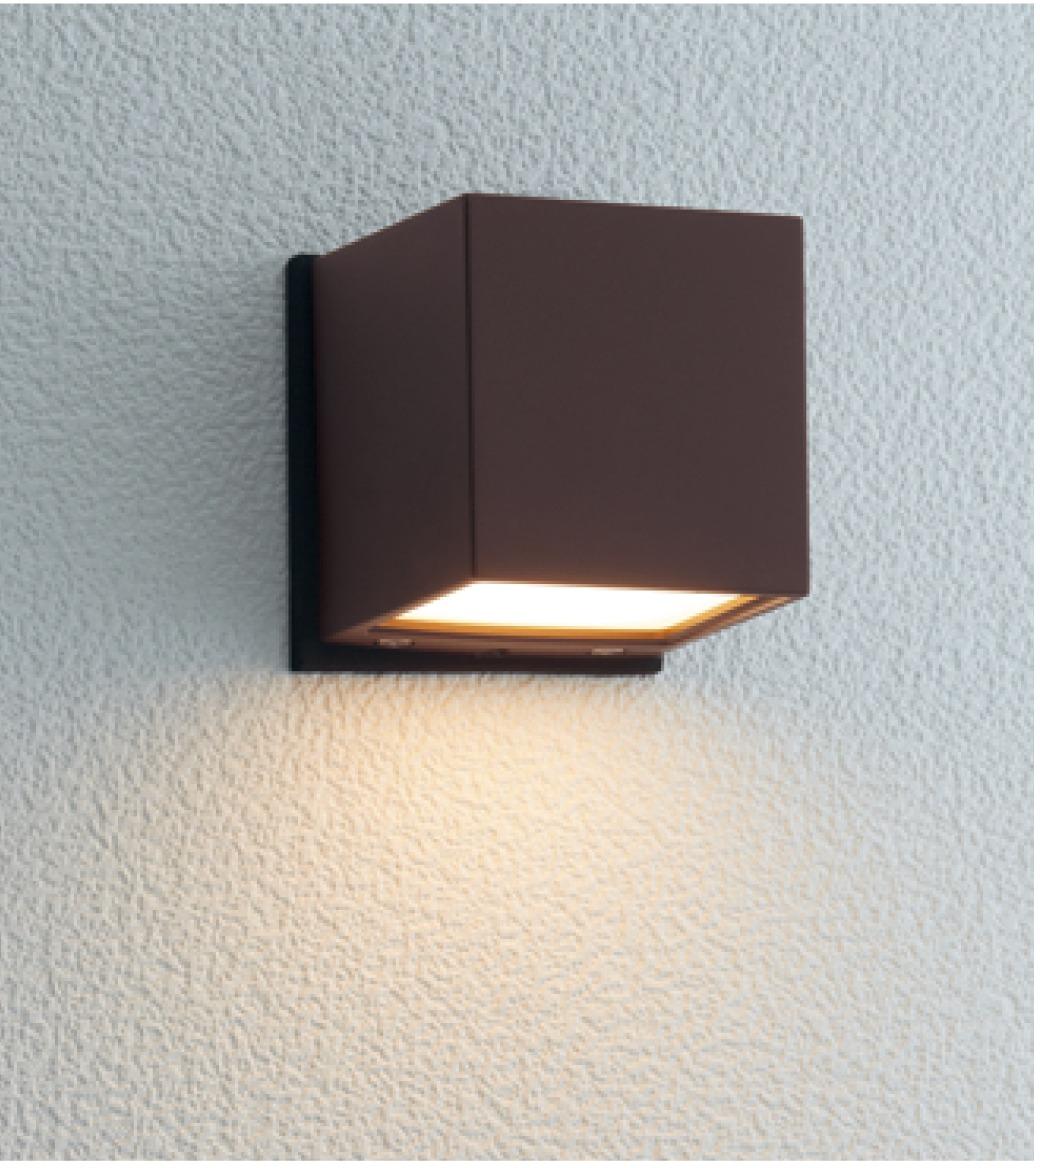 ユニソン(unison)エクステリア 屋外 照明 ライト 12V照明 表札灯 【エコルトウォールライト キューブライト ラスティブラウン EA0101752】 エコルトウォールライト